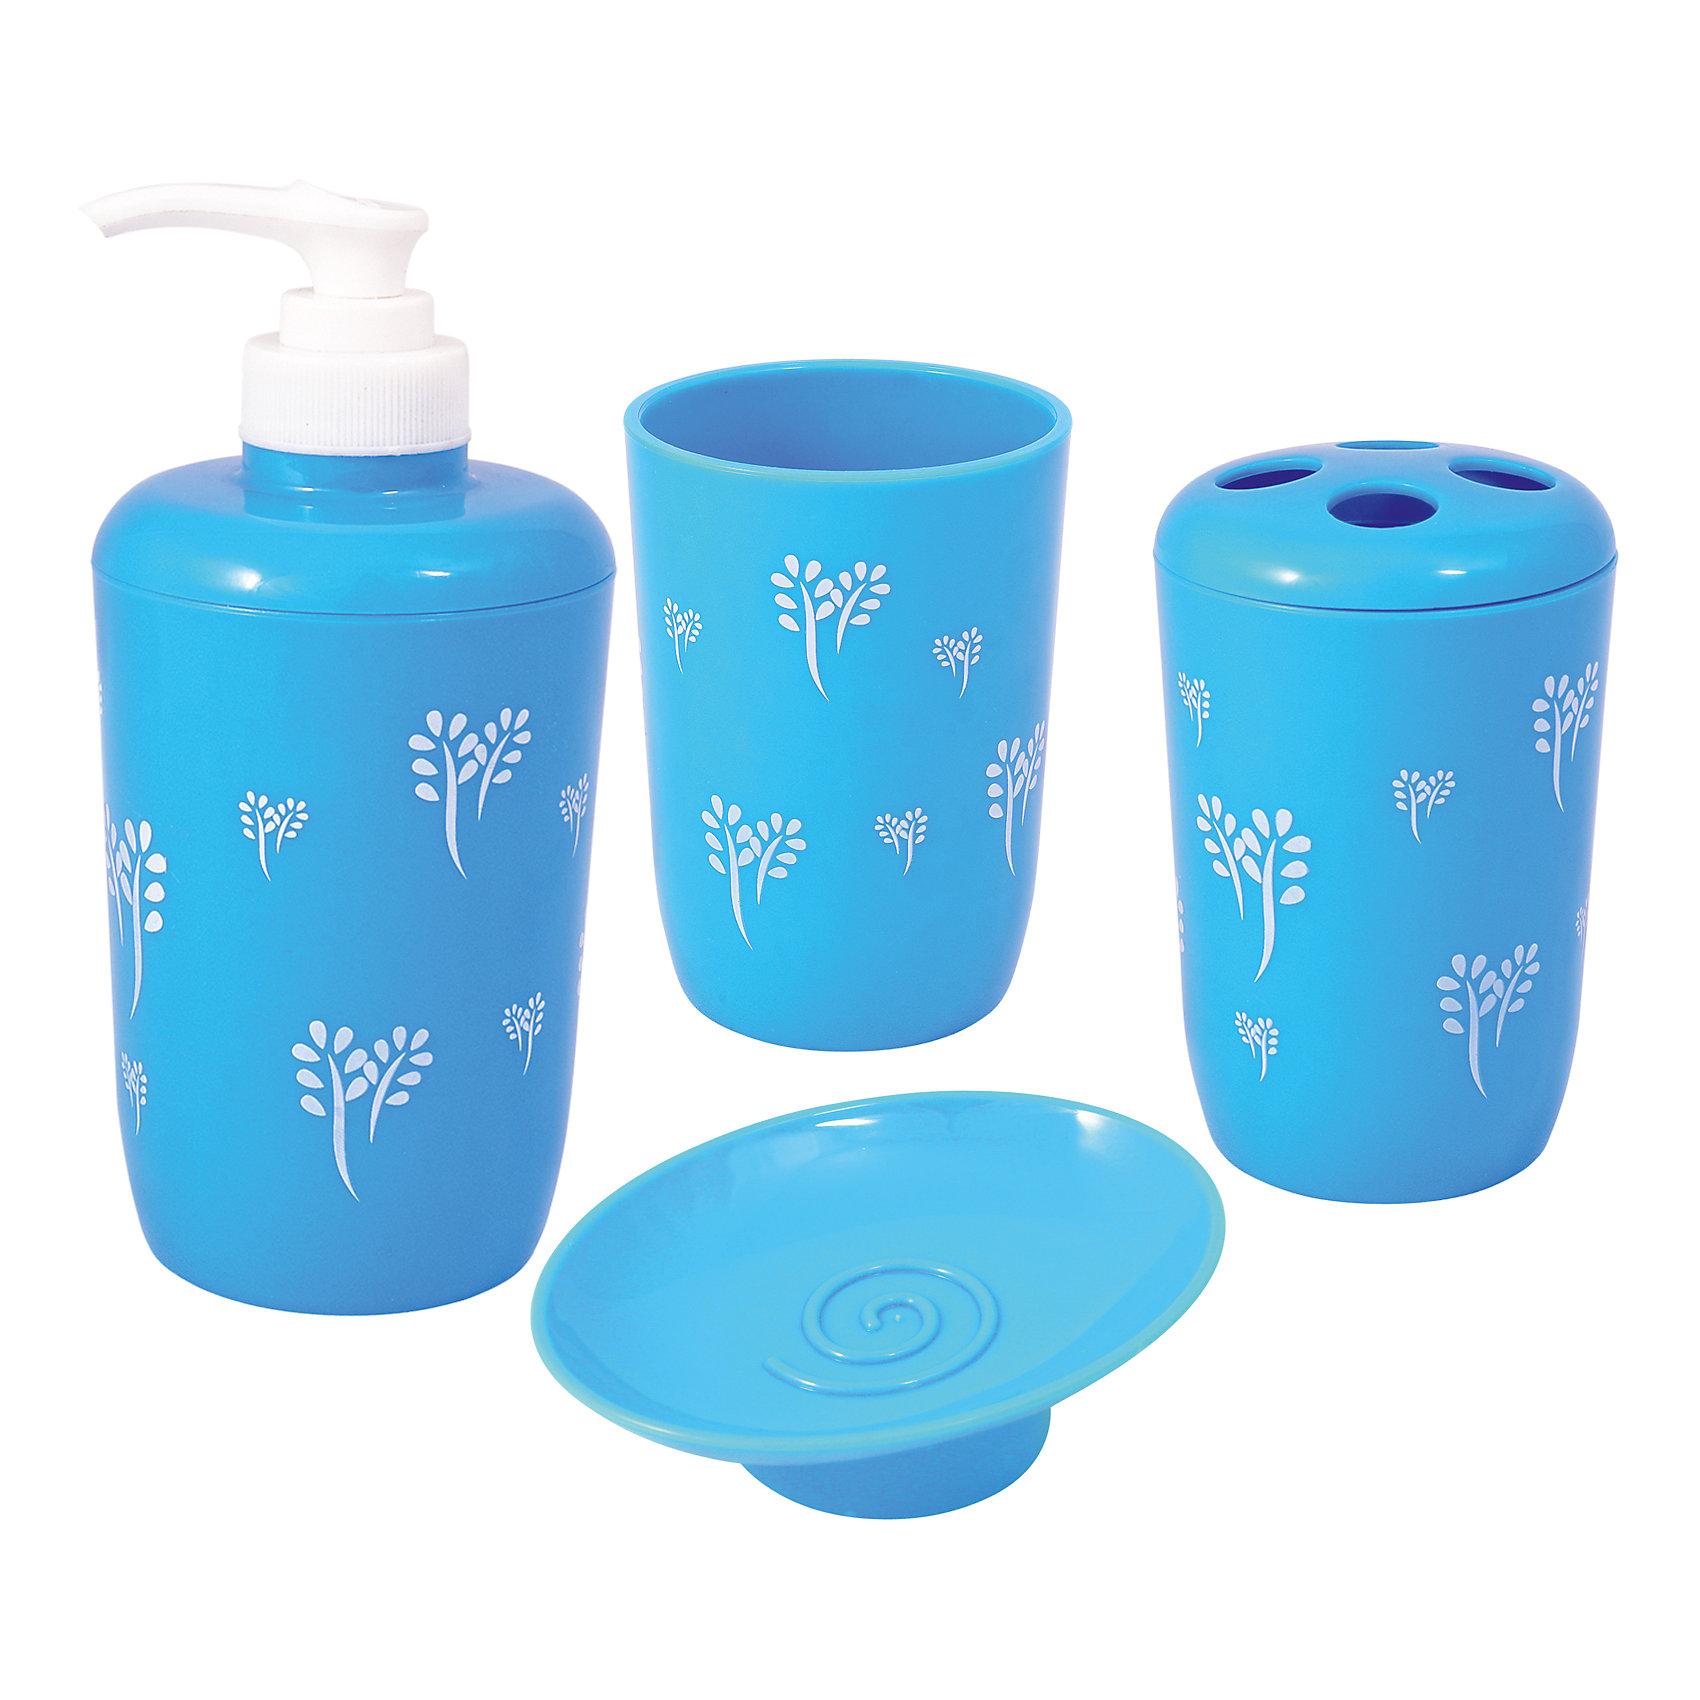 Набор для ванной (4 предмета)Набор для ванной BathP-02 Азур - отличный вариант для Вашей ванной комнаты. Практичный и компактный набор включает в себя все необходимые для ежедневного ухода предметы: диспенсер, держатель зубных щеток, мыльницу и стакан. Весь комплект выполнен в одной цветовой гамме из прочного пластика. <br><br>Дополнительная информация:<br><br>- В комплекте: диспенсер, держатель зубных щеток, мыльница, стакан.<br>- Материал: пластик.<br>- Размер упаковки: 15 х 15 х 12 см.<br>- Вес: 0,416 кг.<br><br>Набор для ванной BathP-02  Азур (4 предмета) можно купить в нашем интернет-магазине.<br><br>Ширина мм: 150<br>Глубина мм: 150<br>Высота мм: 120<br>Вес г: 416<br>Возраст от месяцев: 36<br>Возраст до месяцев: 2147483647<br>Пол: Унисекс<br>Возраст: Детский<br>SKU: 4288539